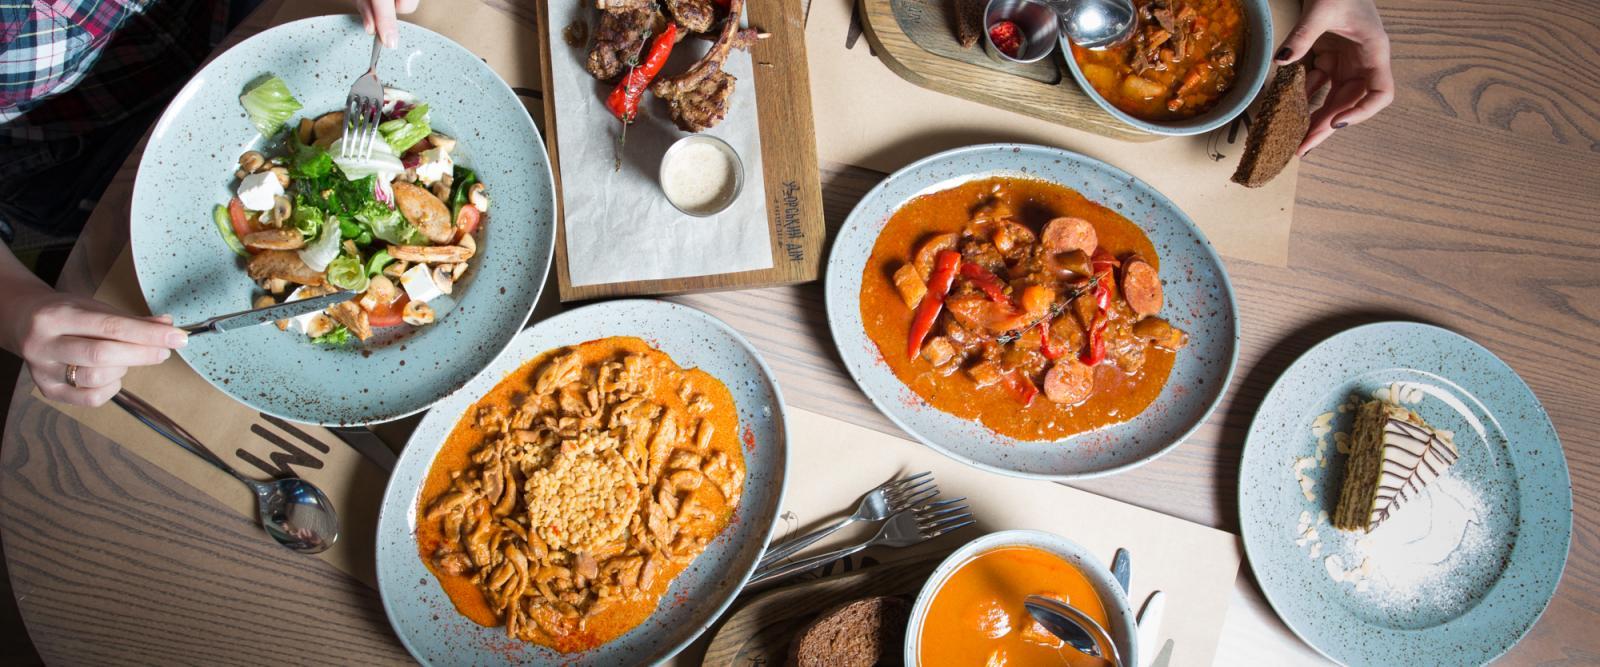 В Ташкенте откроется ресторан венгерской национальной кухни и магазин венгерских товаров